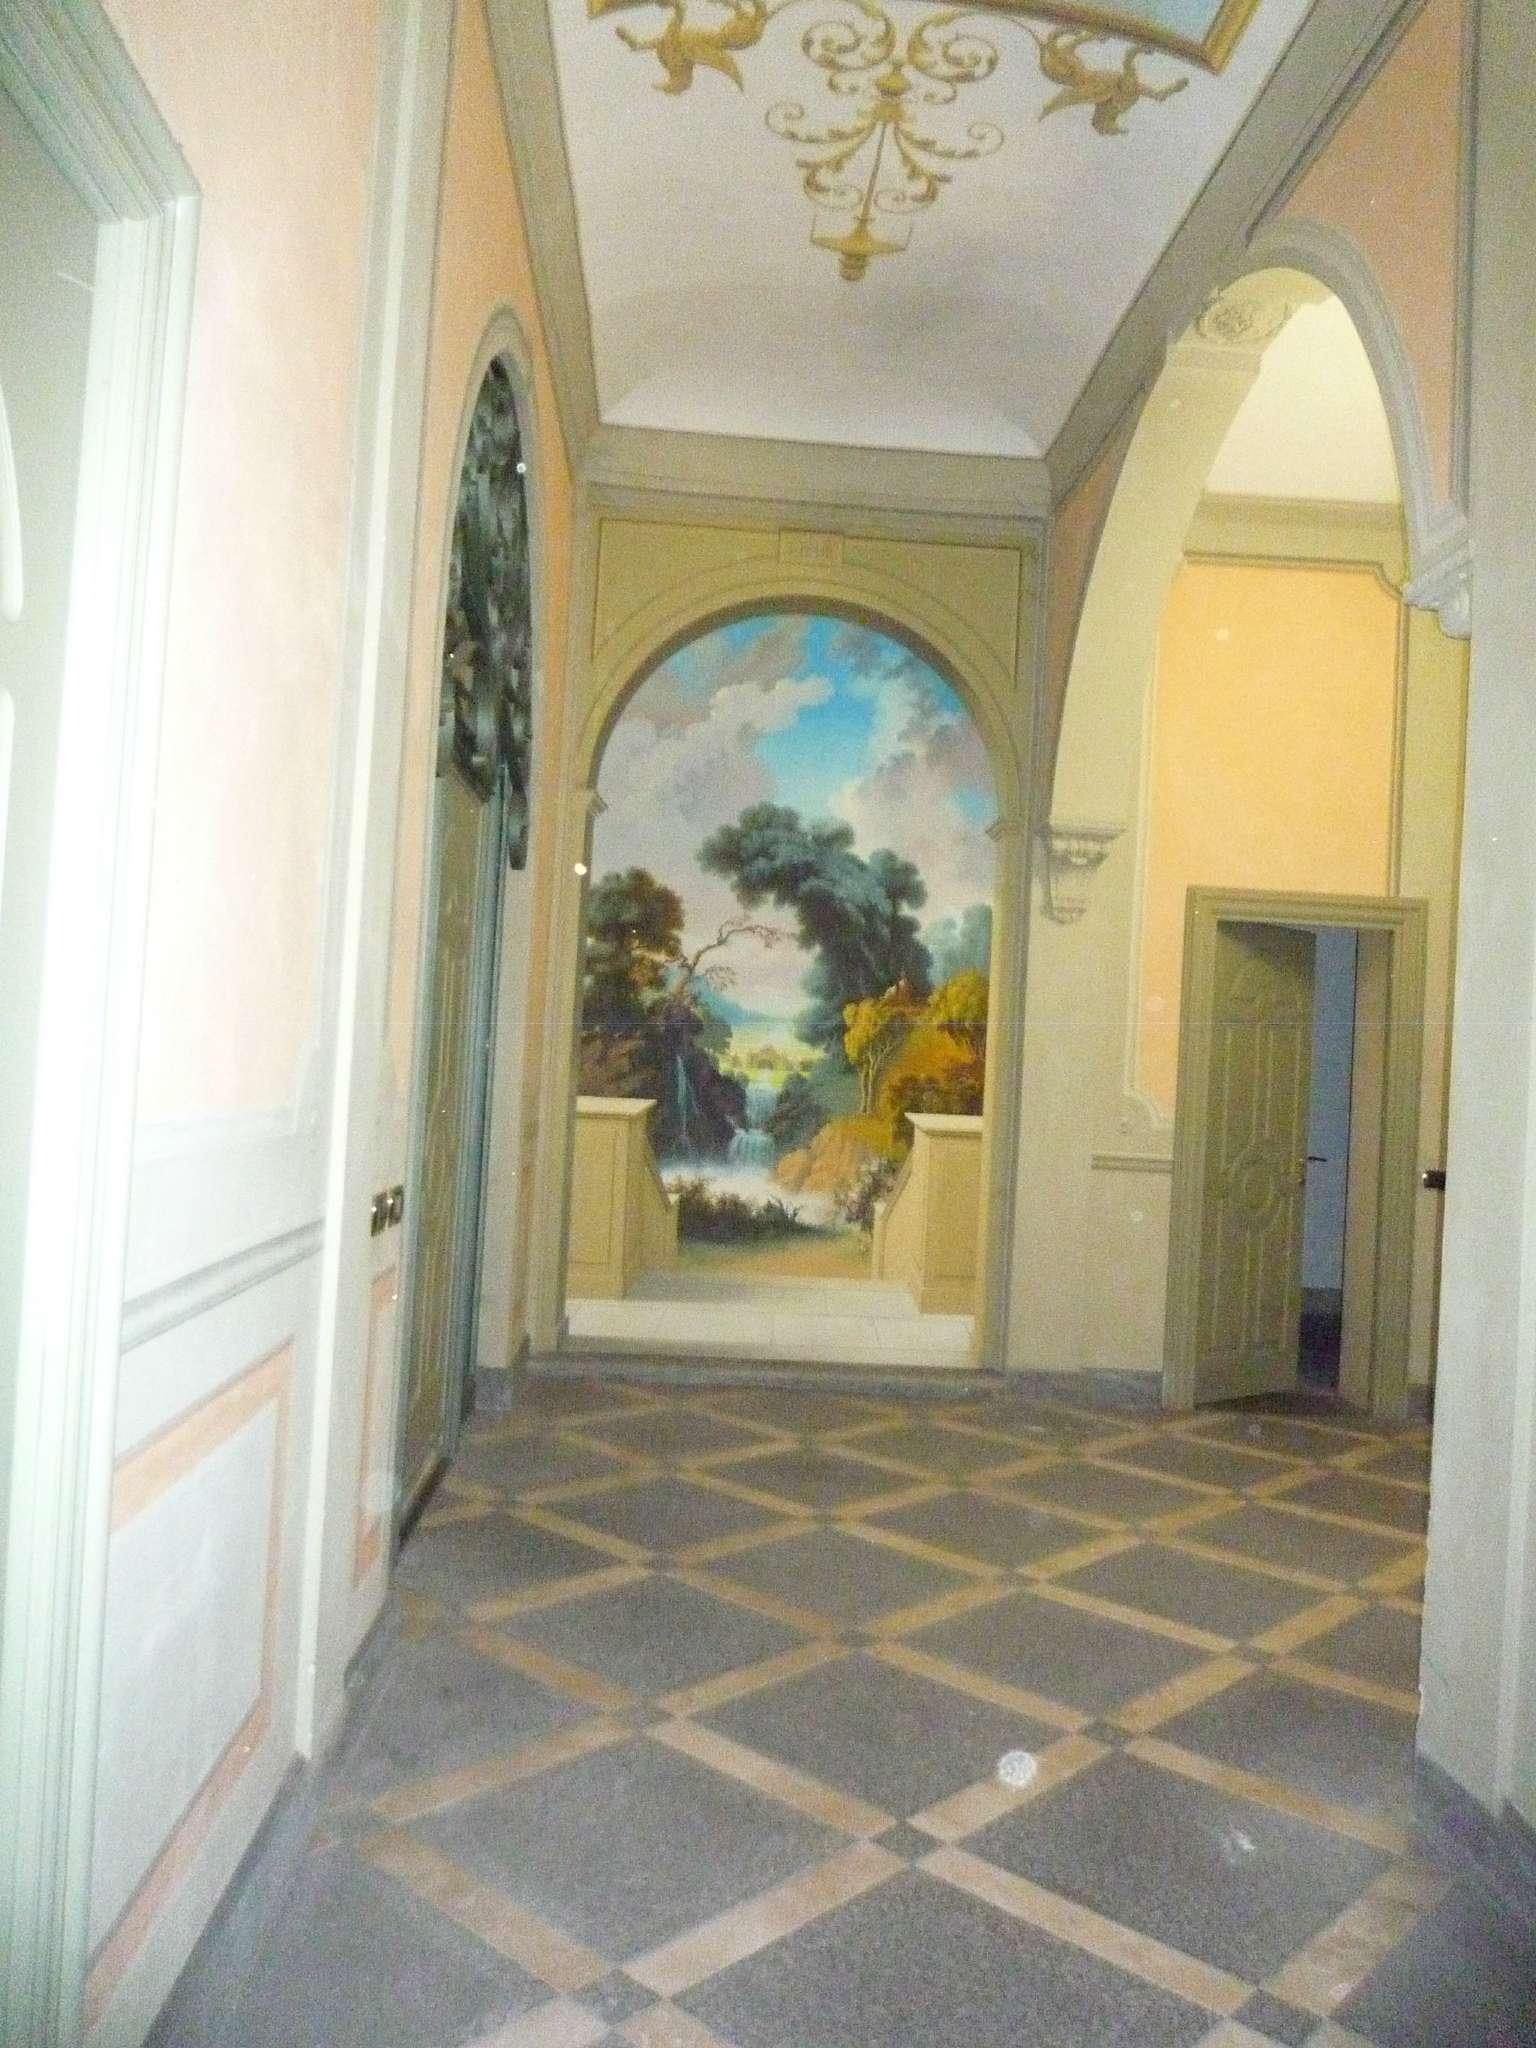 Studio bilocale in affitto a Parma (PR)